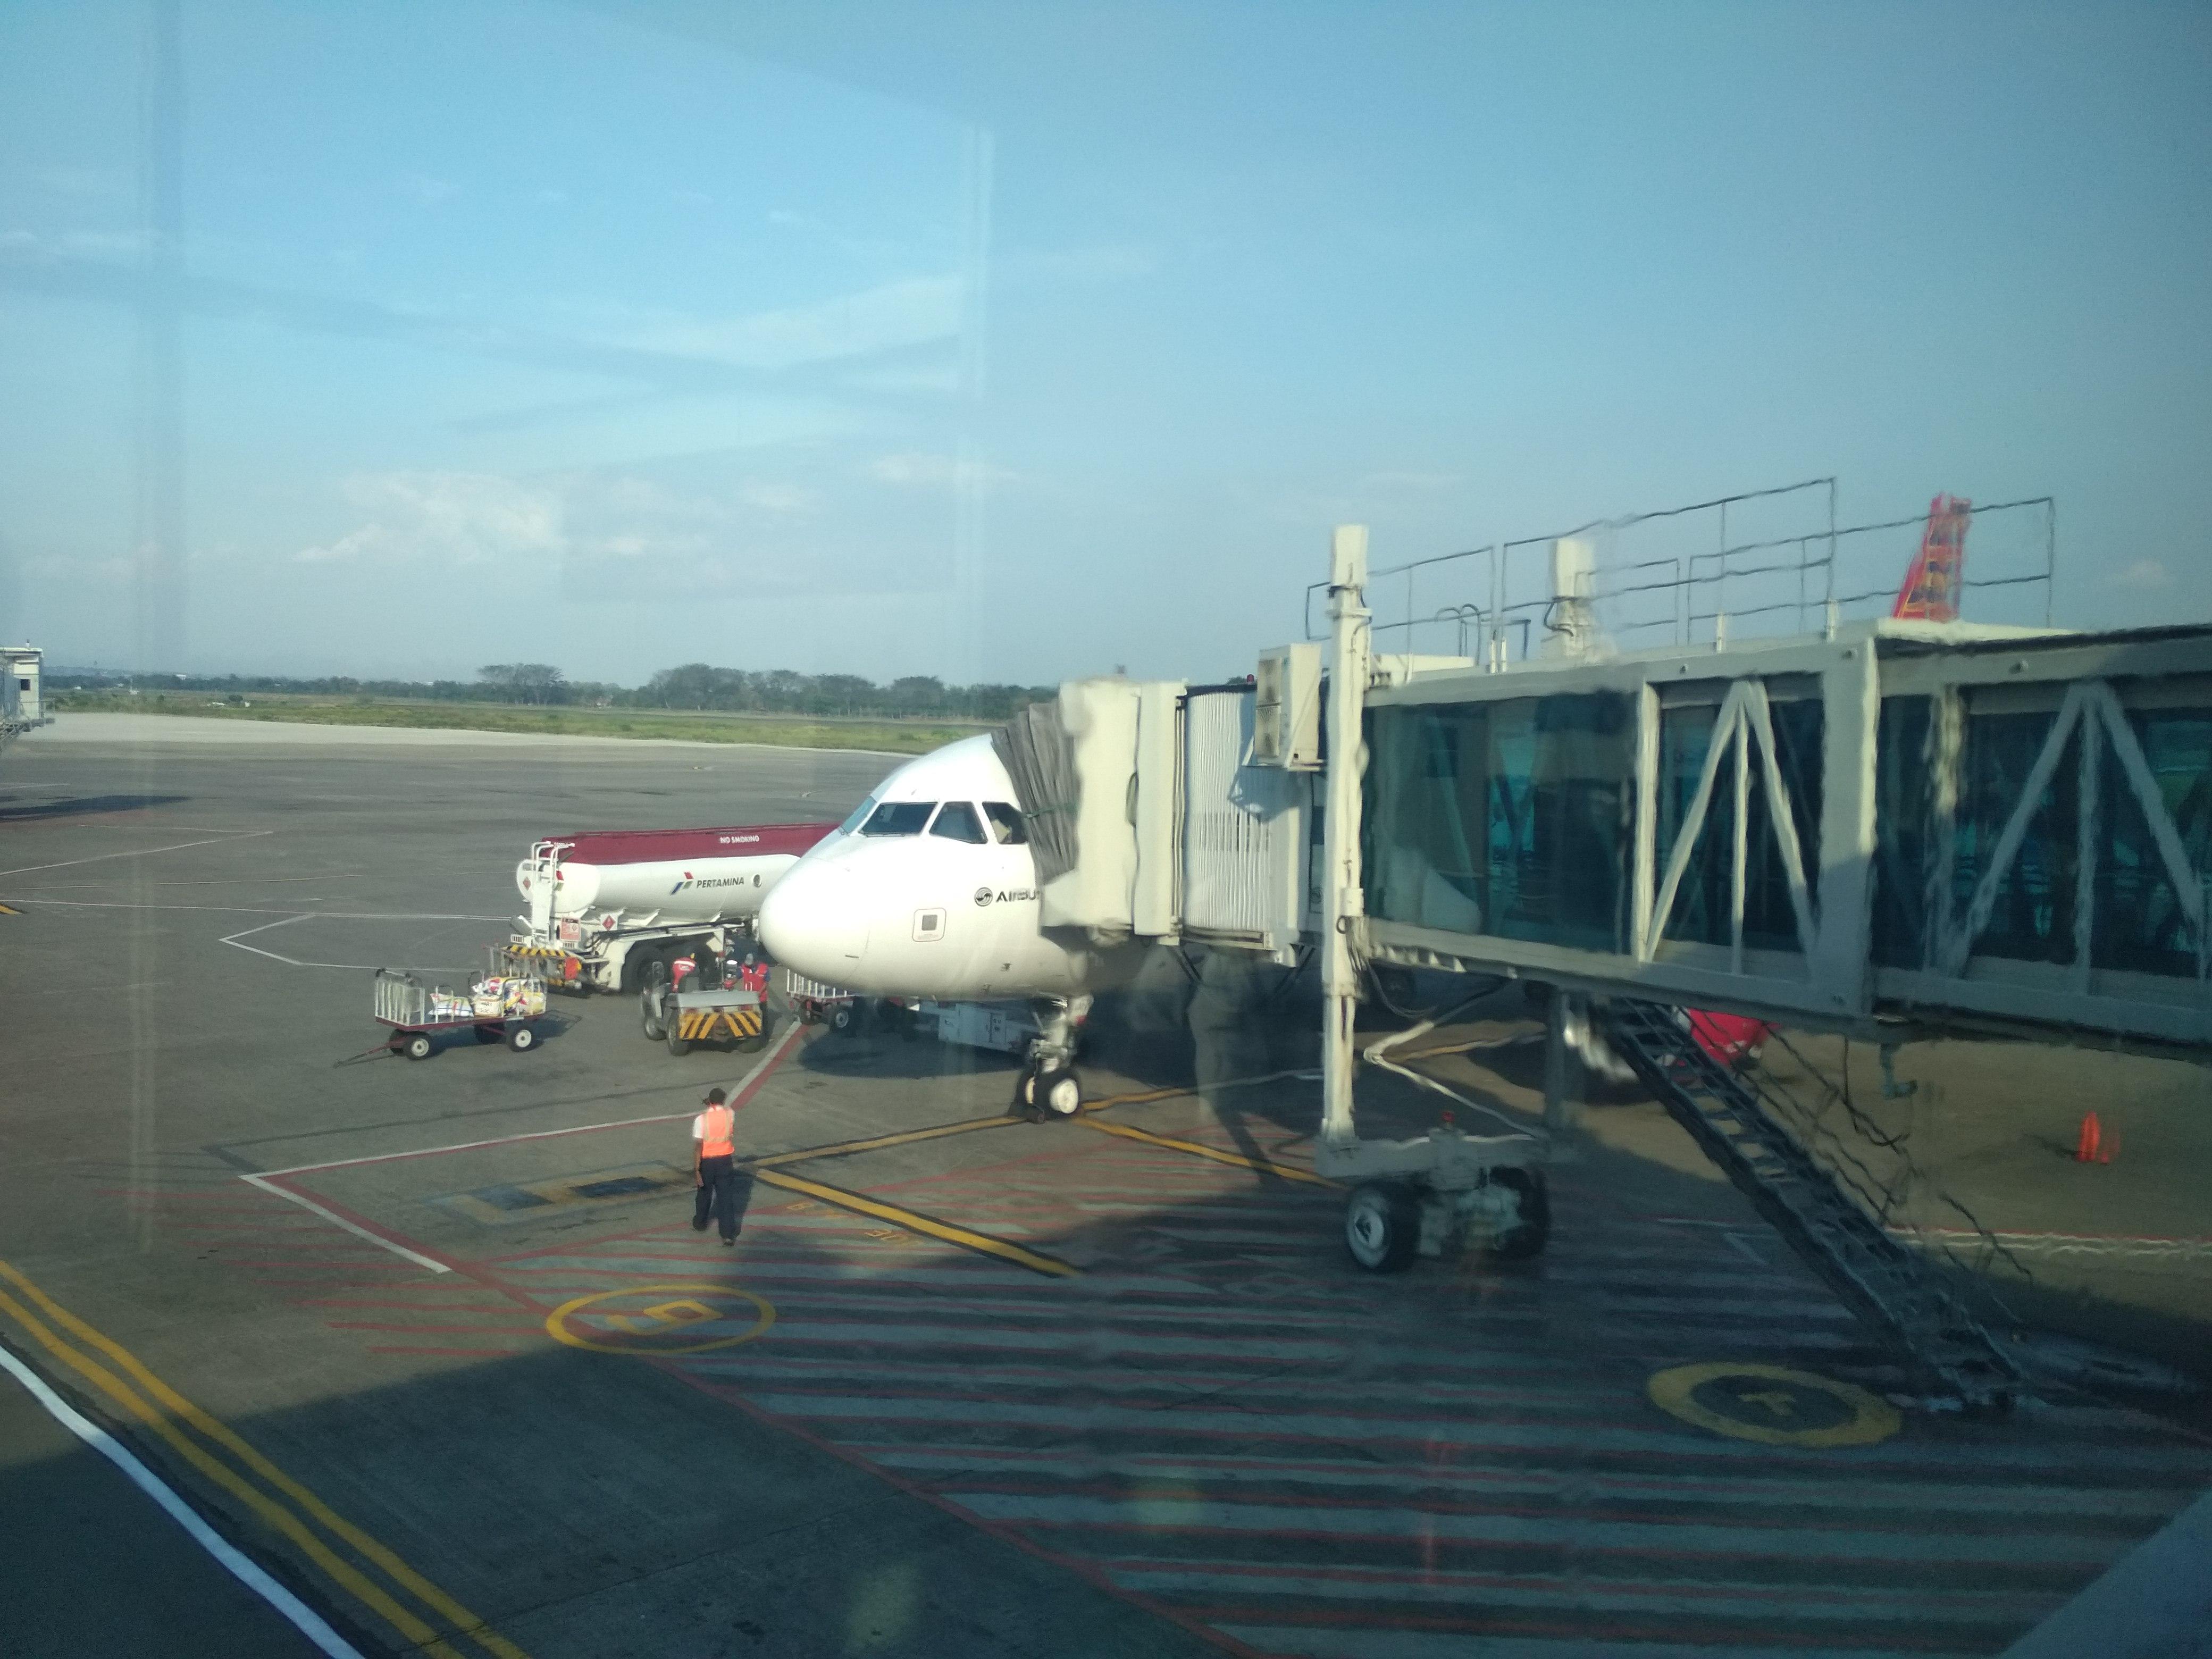 Libur Sekolah Dan Turunnya Tiket Pesawat Diharapkan Dongkrak